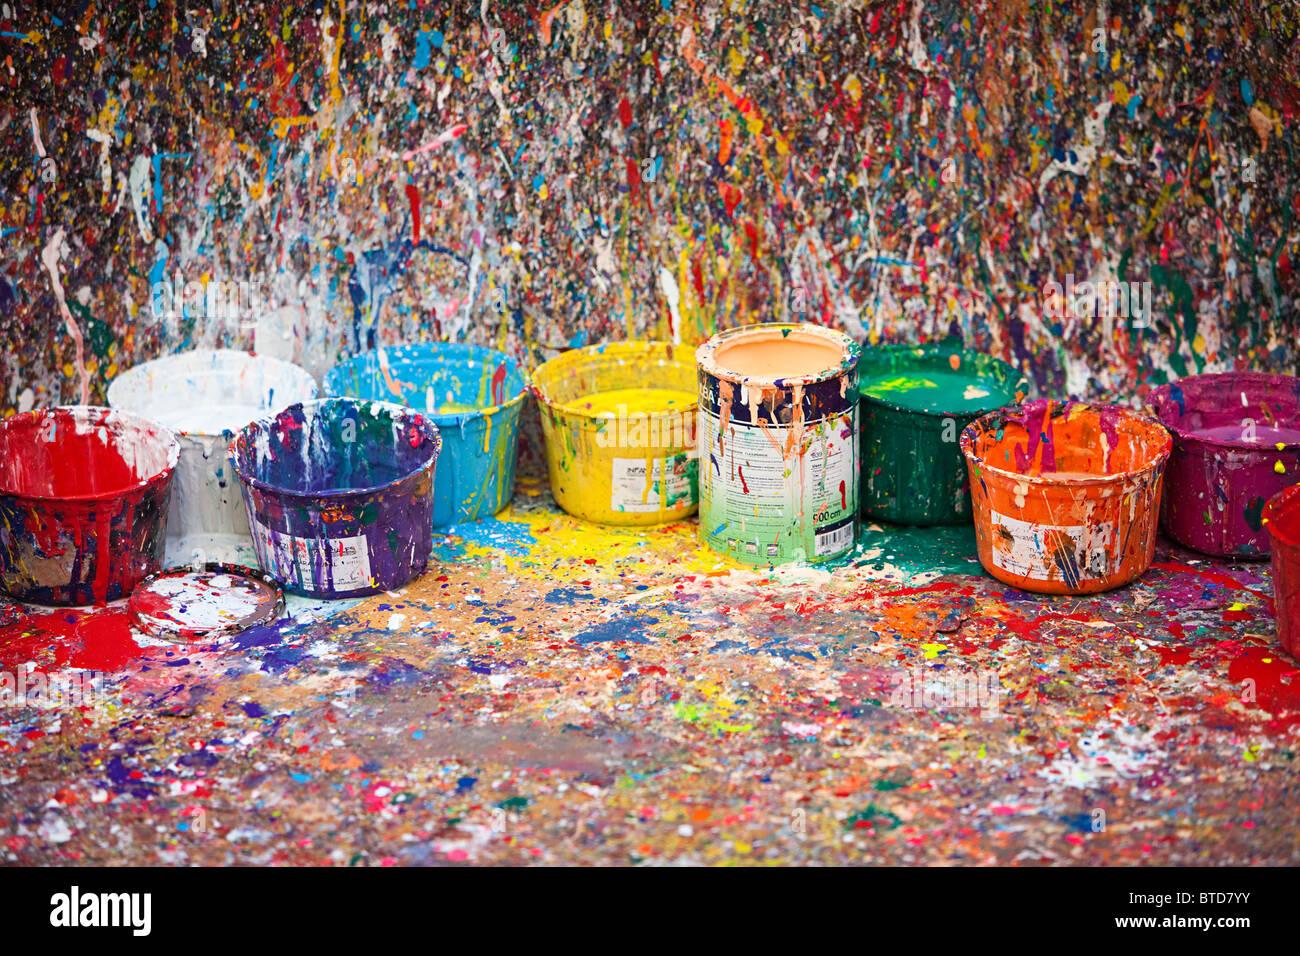 Bespritzt Farbe und Töpfe, San Telmo, Buenos Aires, Argentinien Stockbild